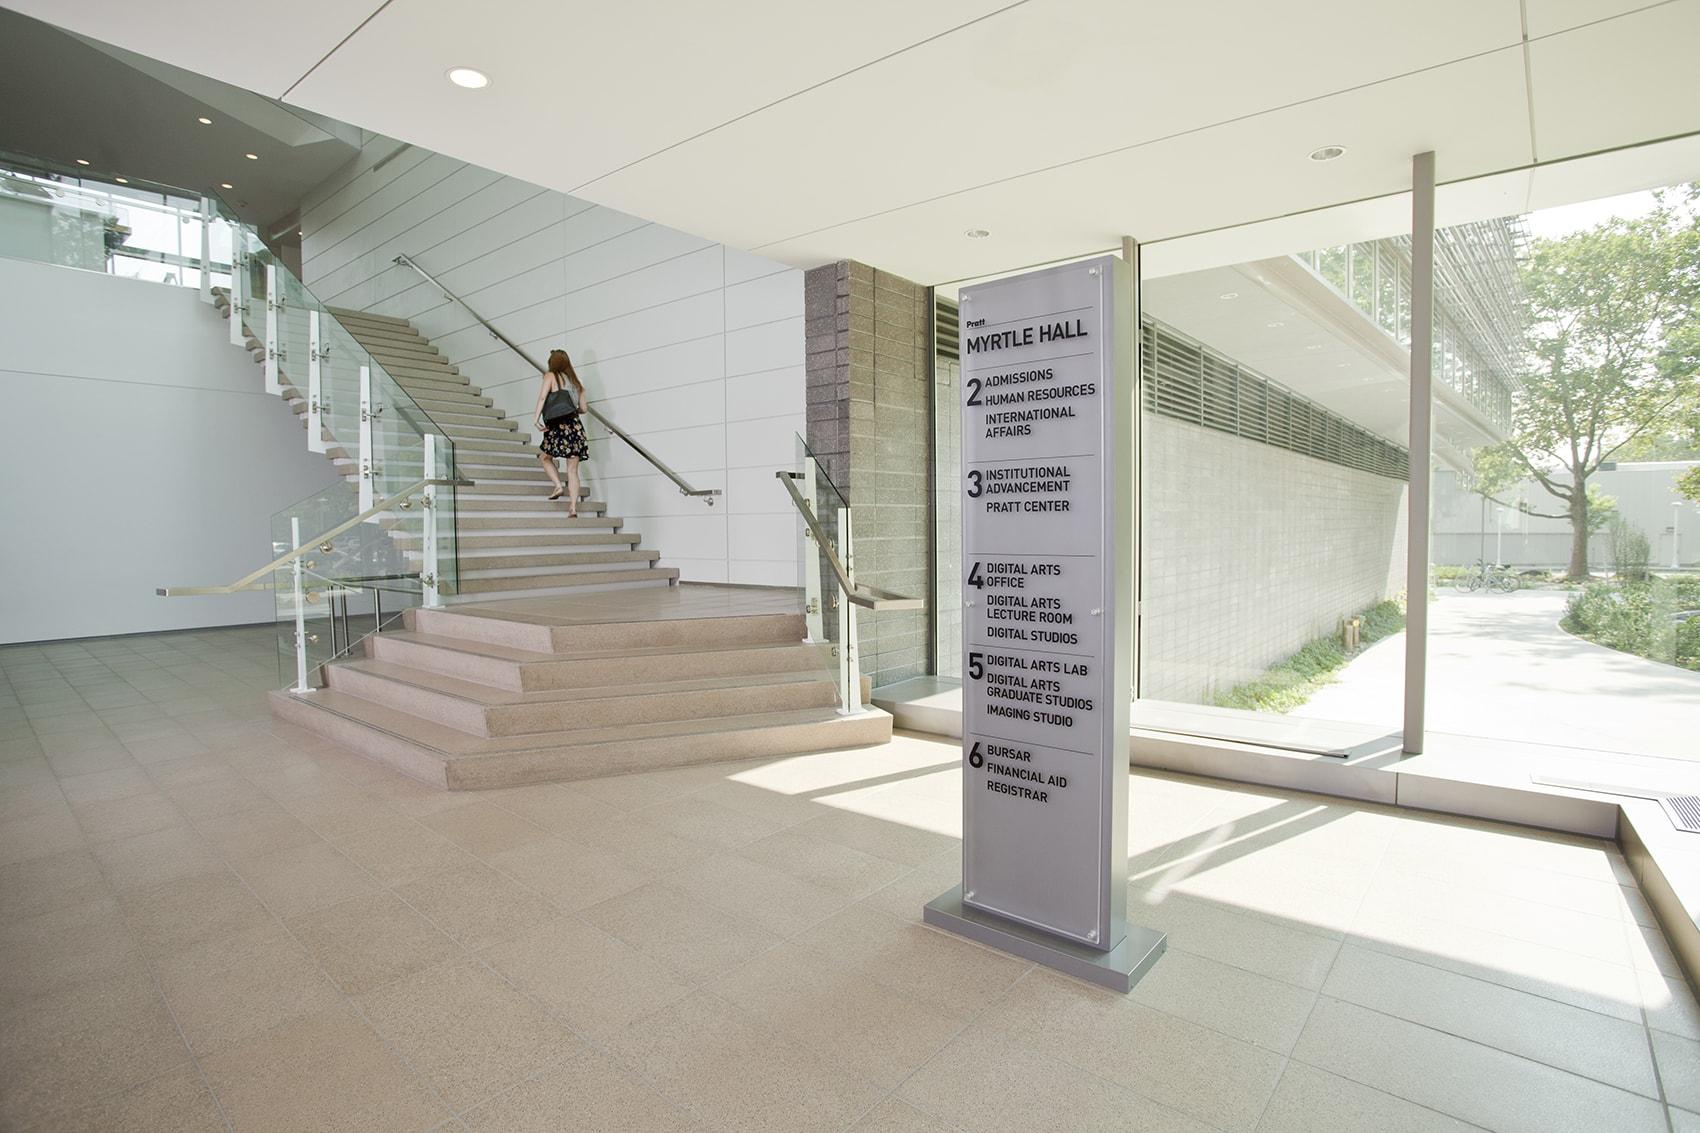 Location Pratt Insute Brooklyn Ny Architect Wasa Studio A